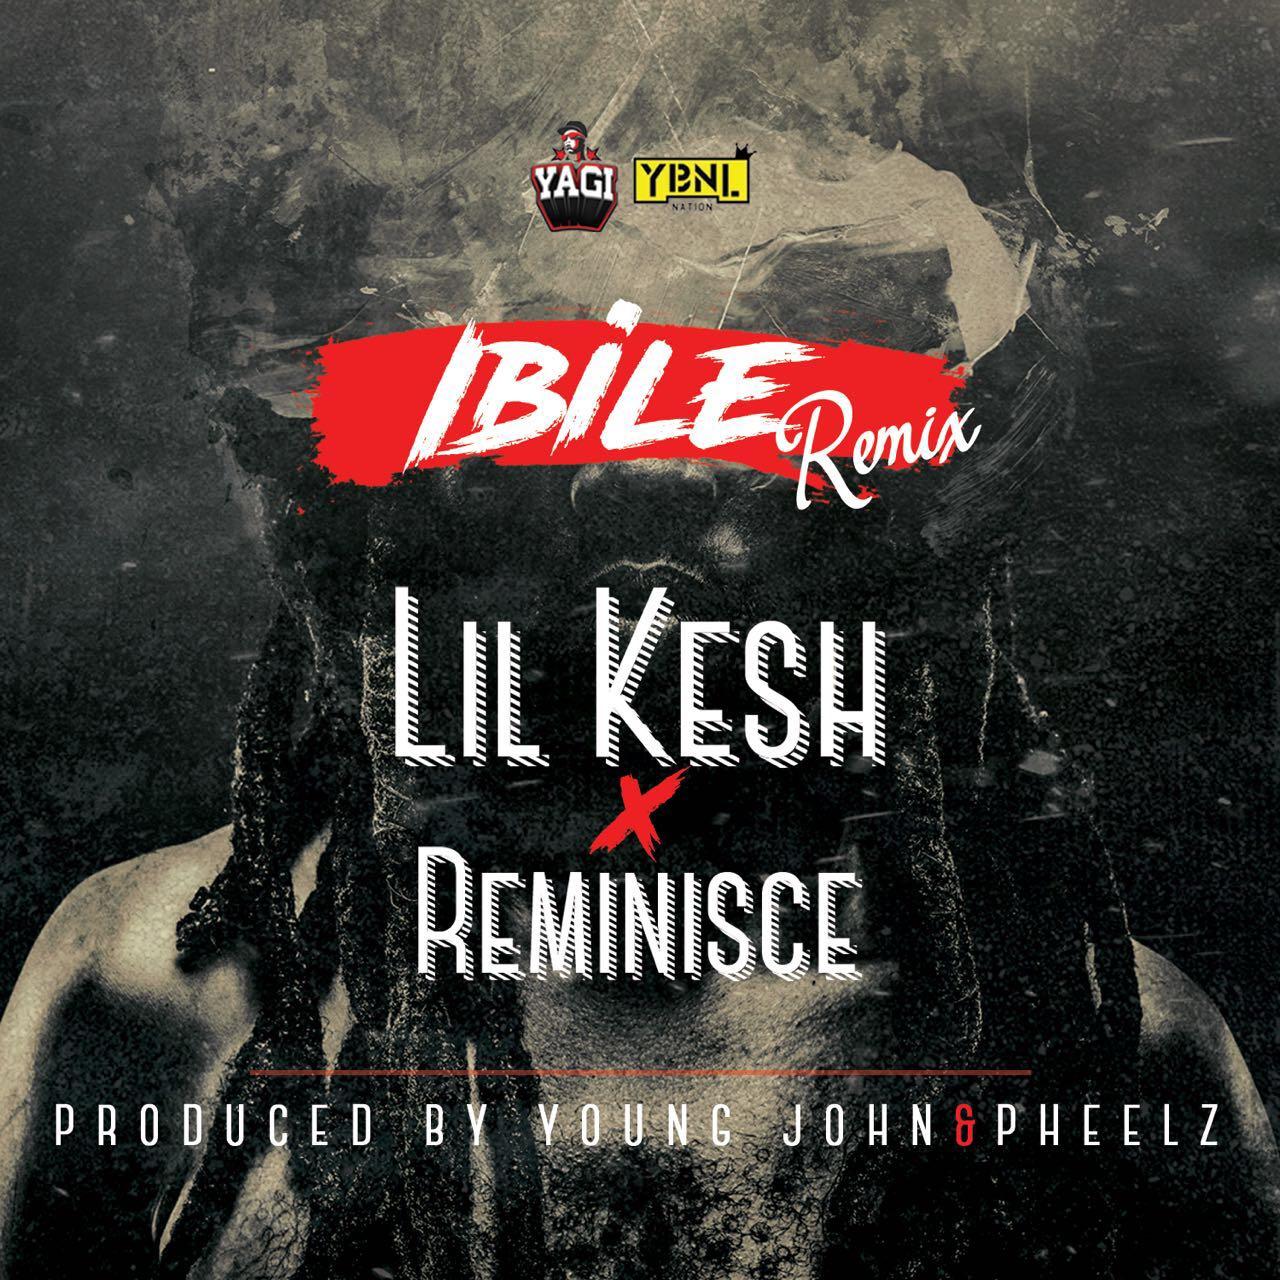 lil-kesh-reminisce-ibile-remix-art